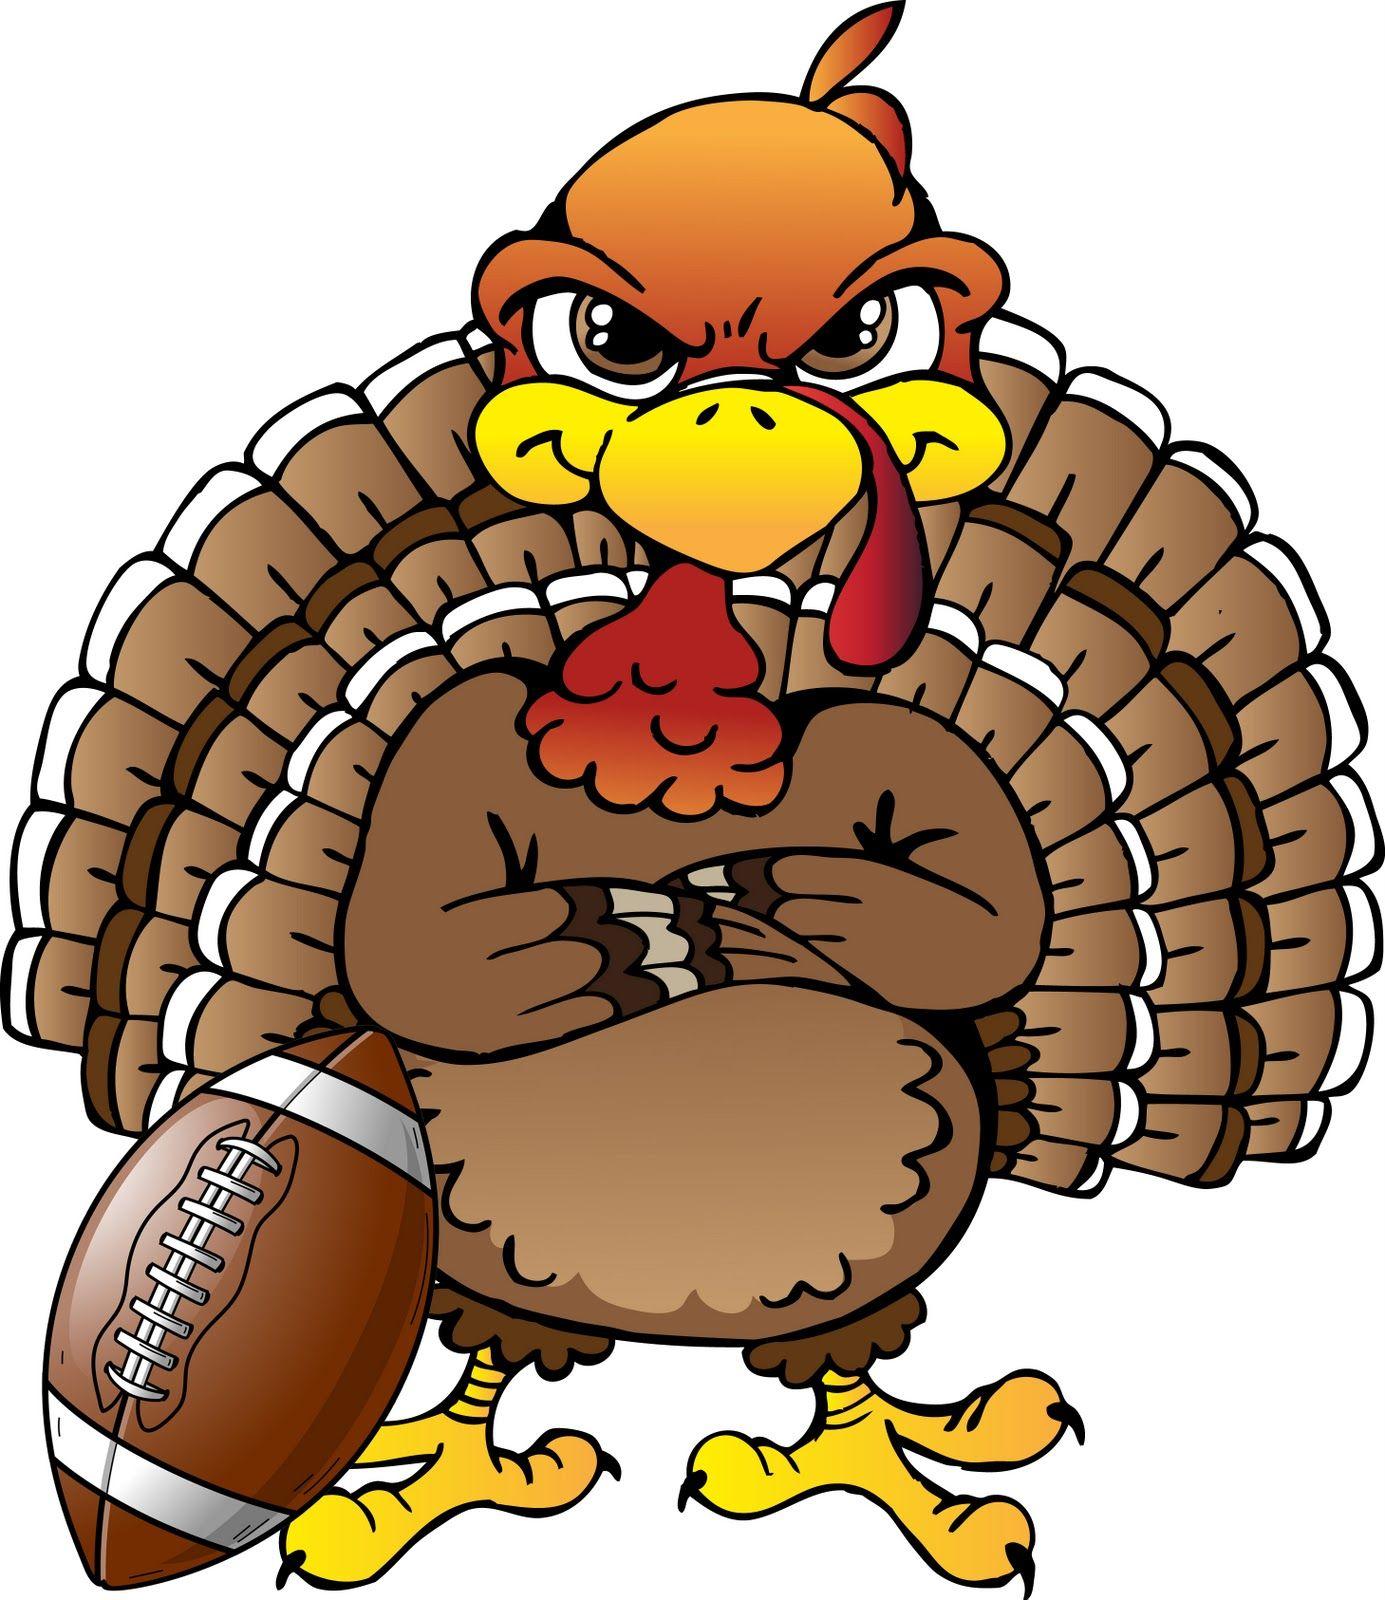 Turkeys clipart fun. Turkey day was mostly